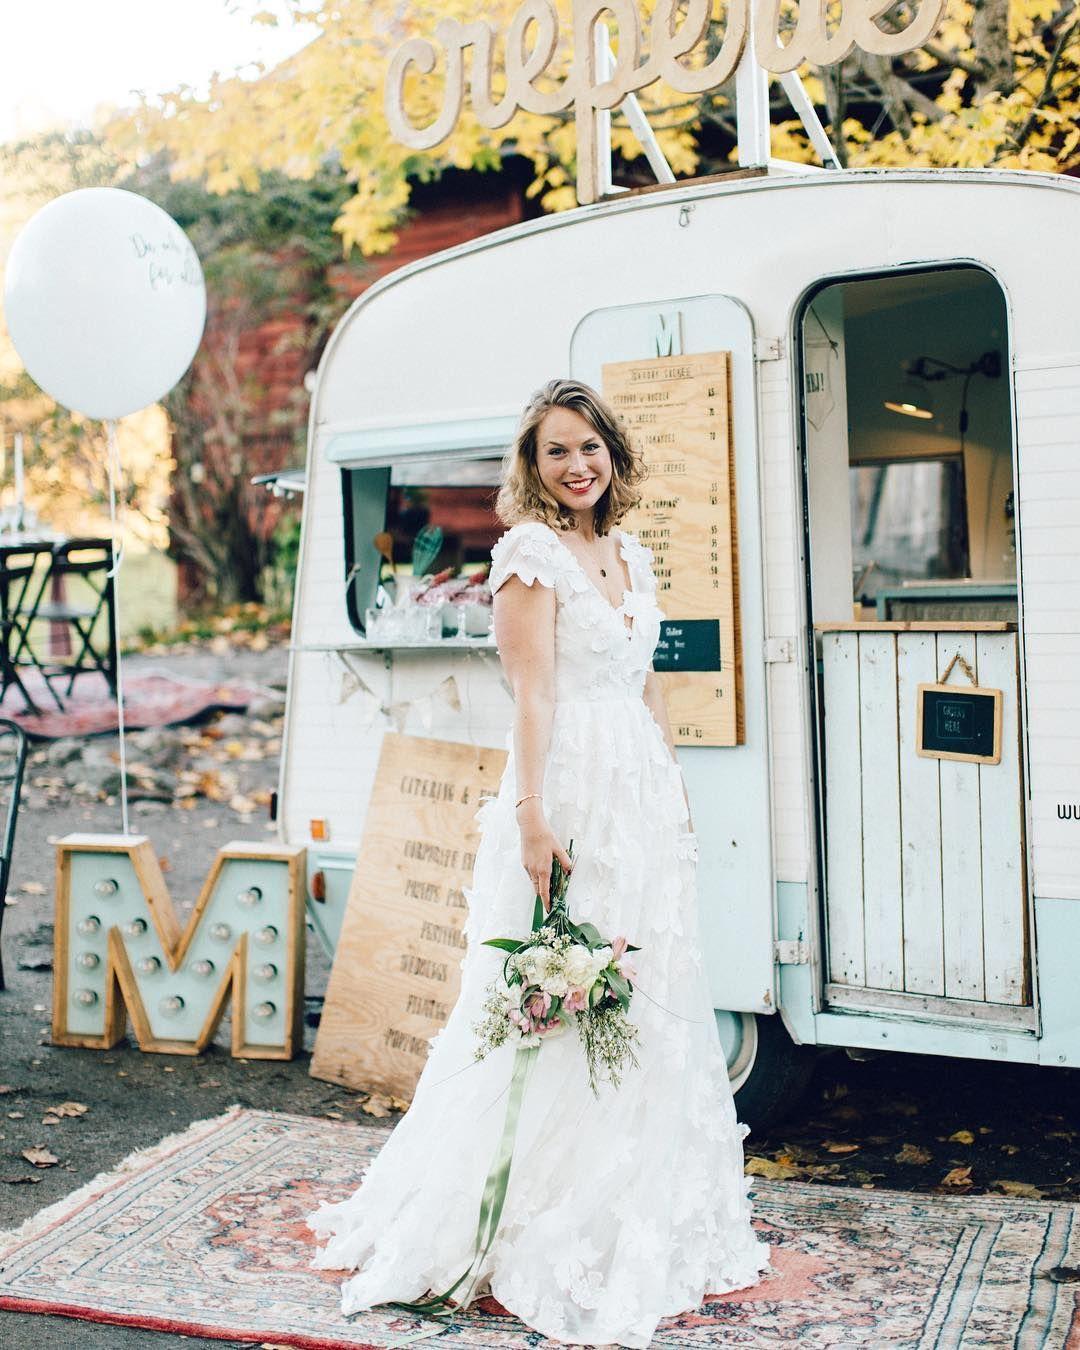 10 Verruckte Und Ausgefallene Hochzeitsideen Hochzeitskiste Hochzeit Rustikale Hochzeit Hochzeitsinspirationen